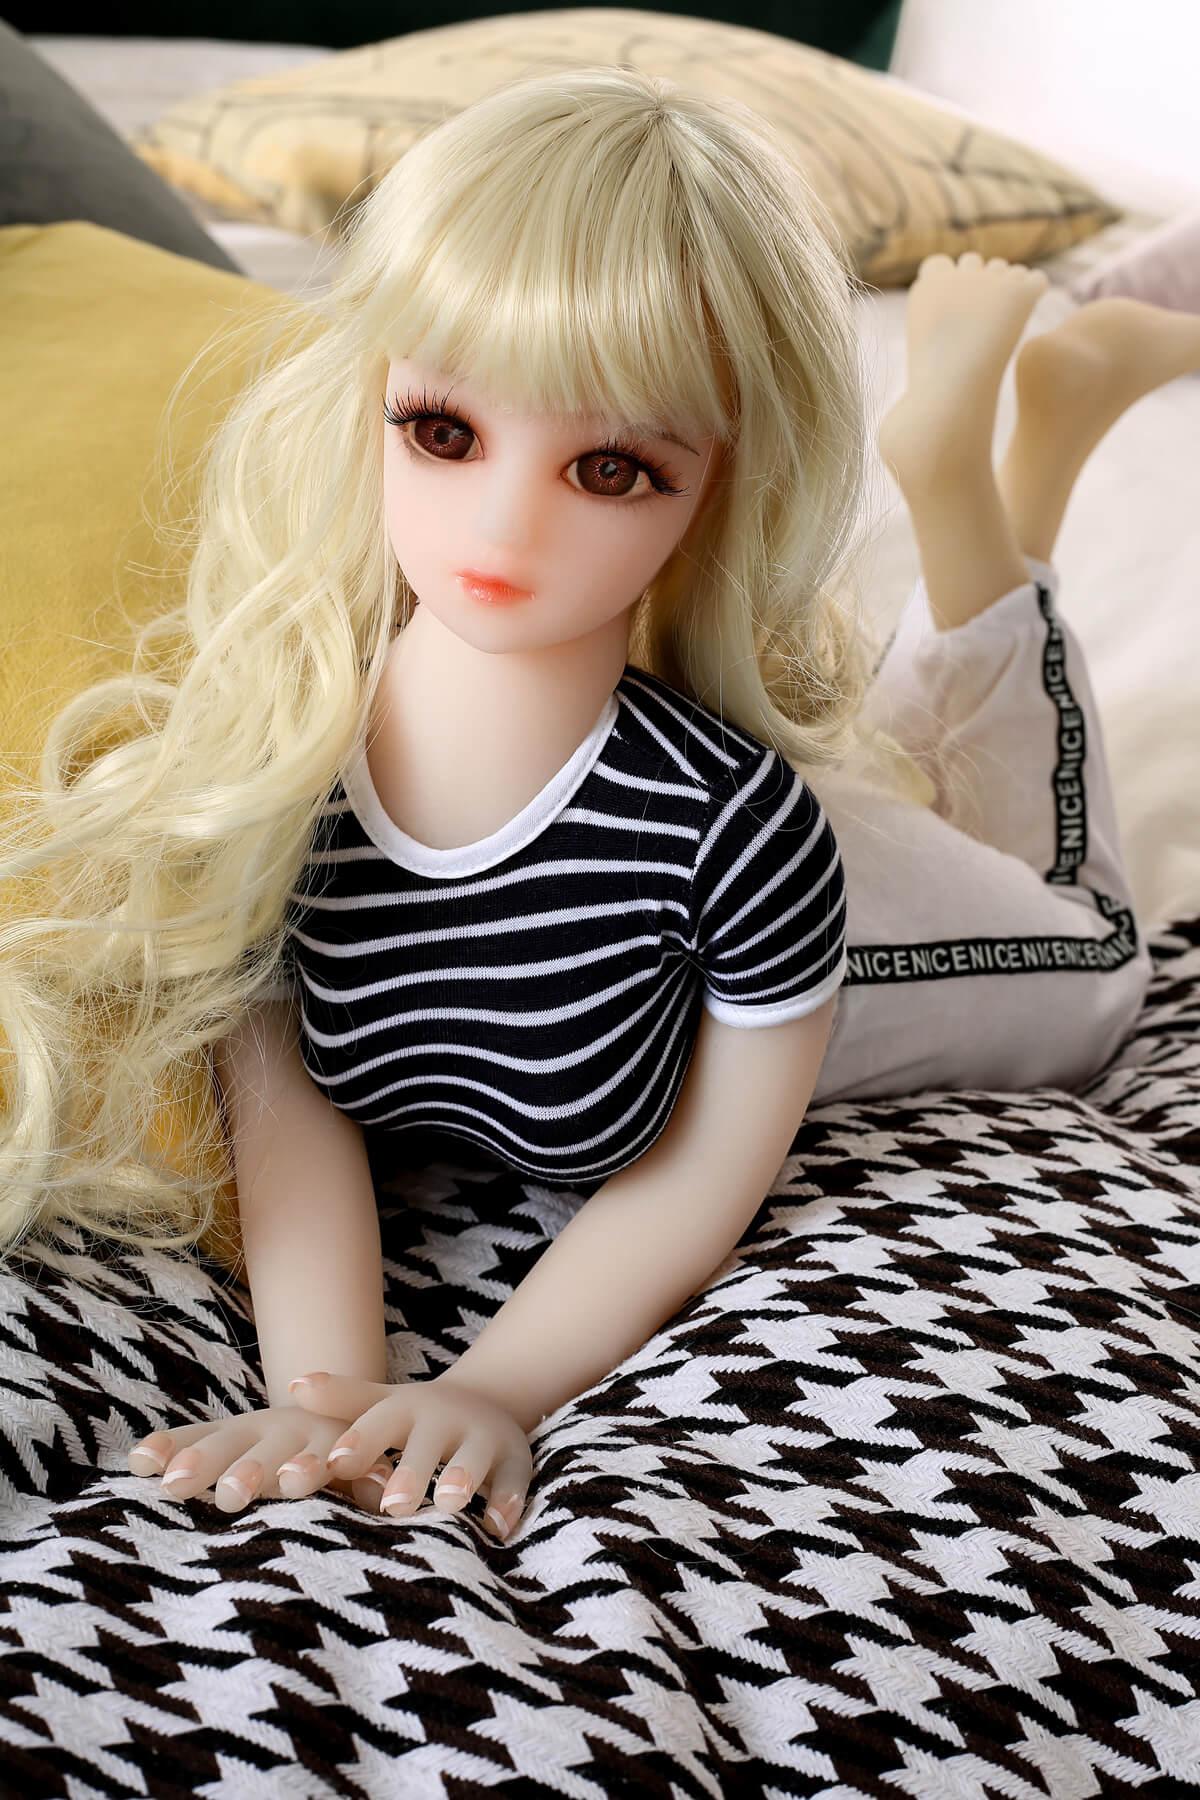 65cm Small Silicone Sex Doll - Flora